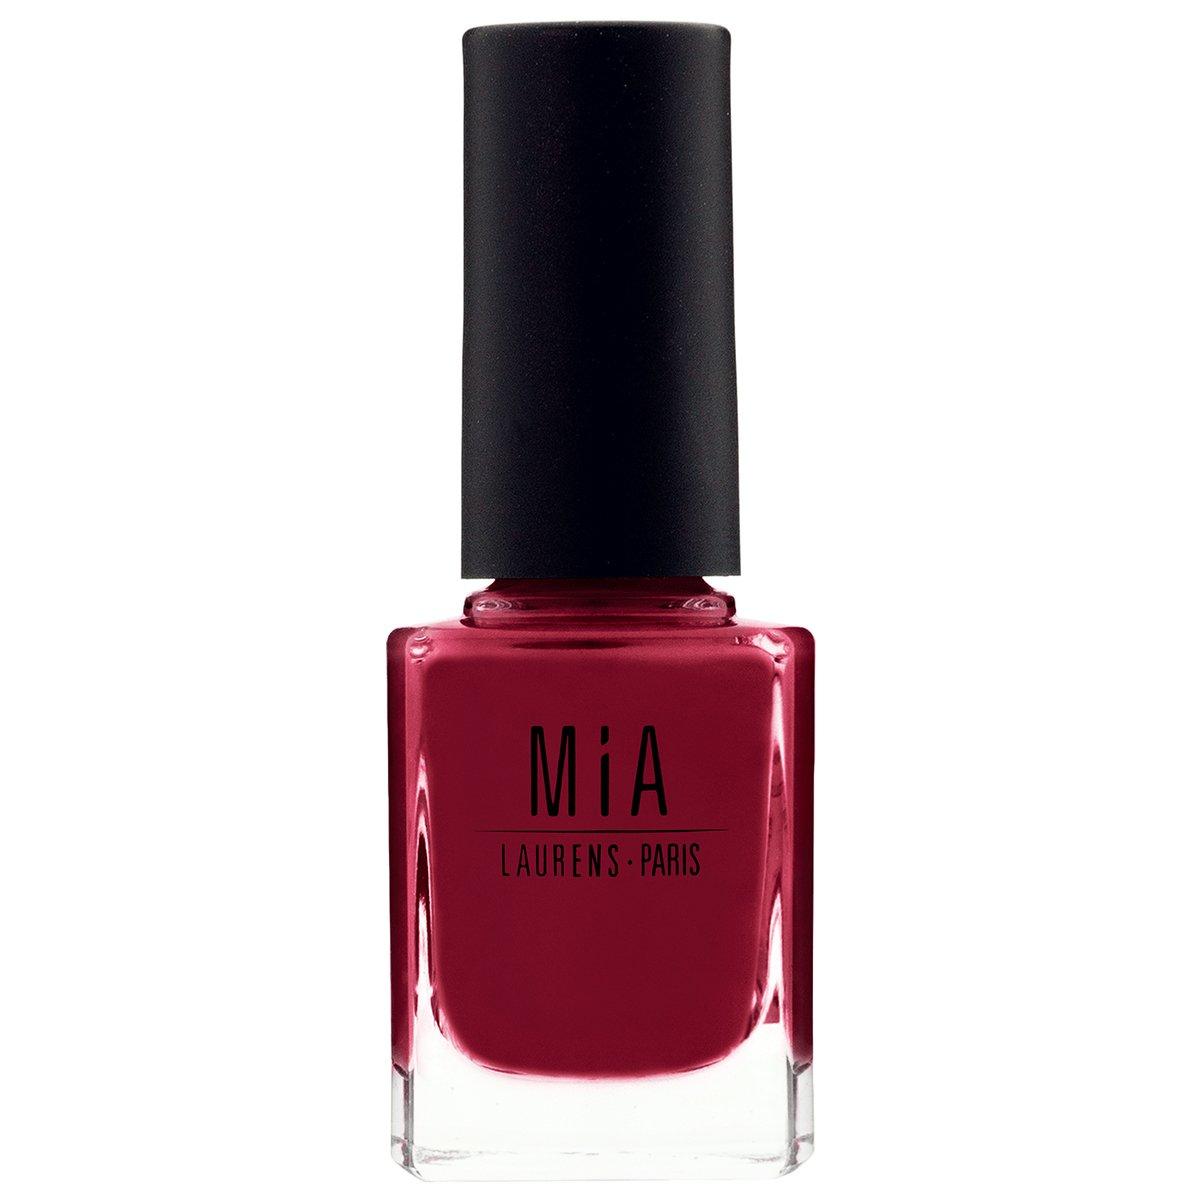 MIA Cosmetics-Paris, Esmalte de Uñ a (2676) Royal Ruby - 11 ml Esmalte de Uña (2676) Royal Ruby - 11 ml Laurens Cosmetics